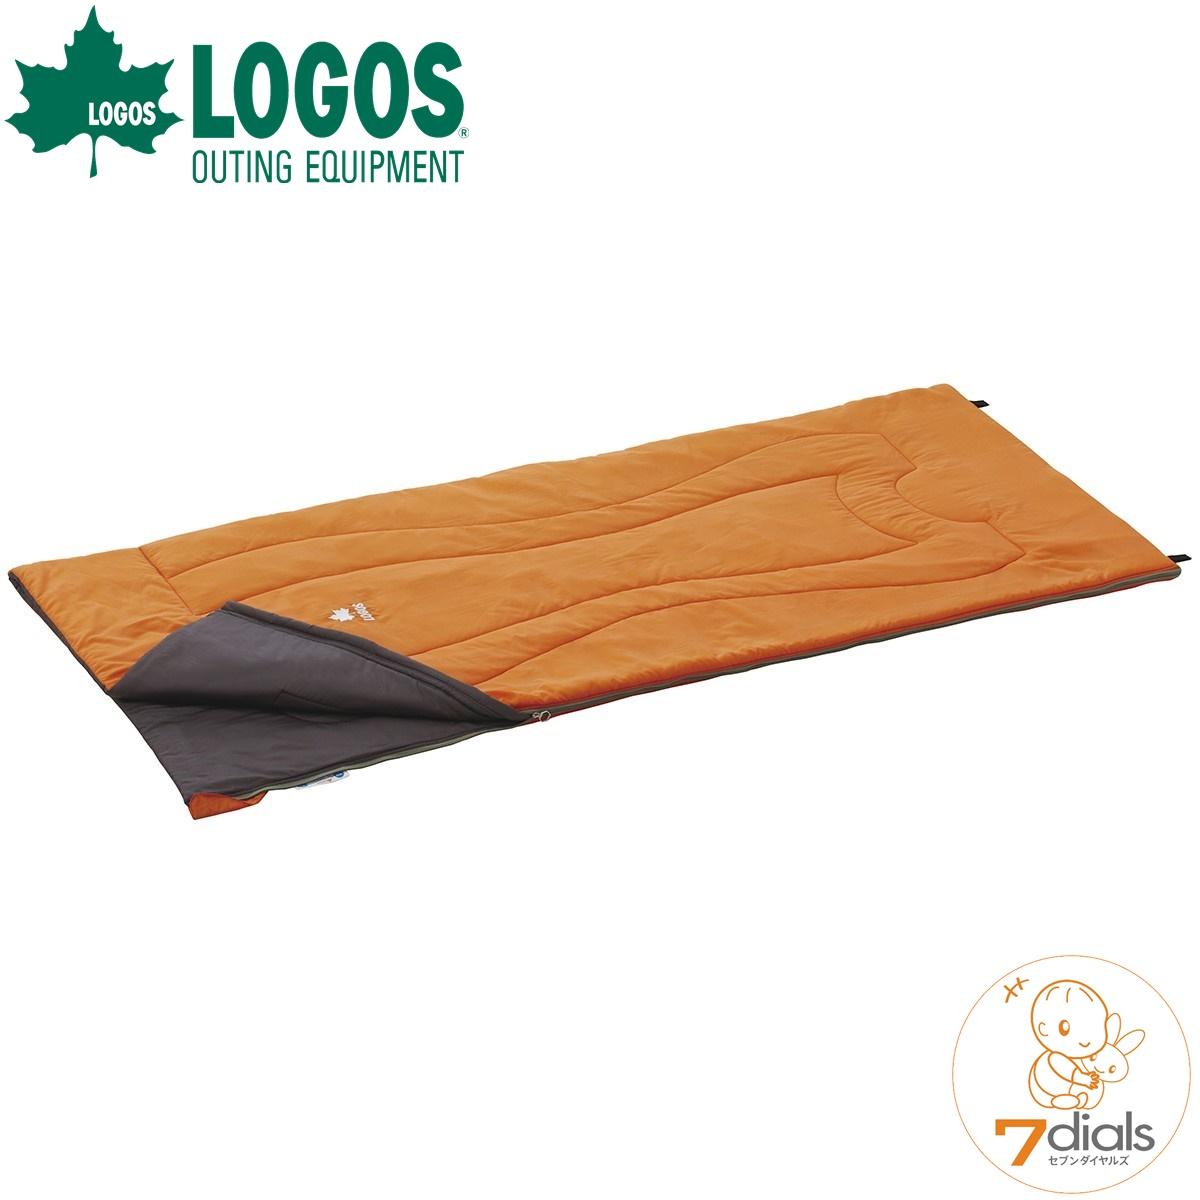 LOGOS/ロゴス ウルトラコンパクトシュラフ・-2 暖かいのにコンパクトな寝袋 シュラフ 薄型でかさばらない 丸洗い可能【送料無料】